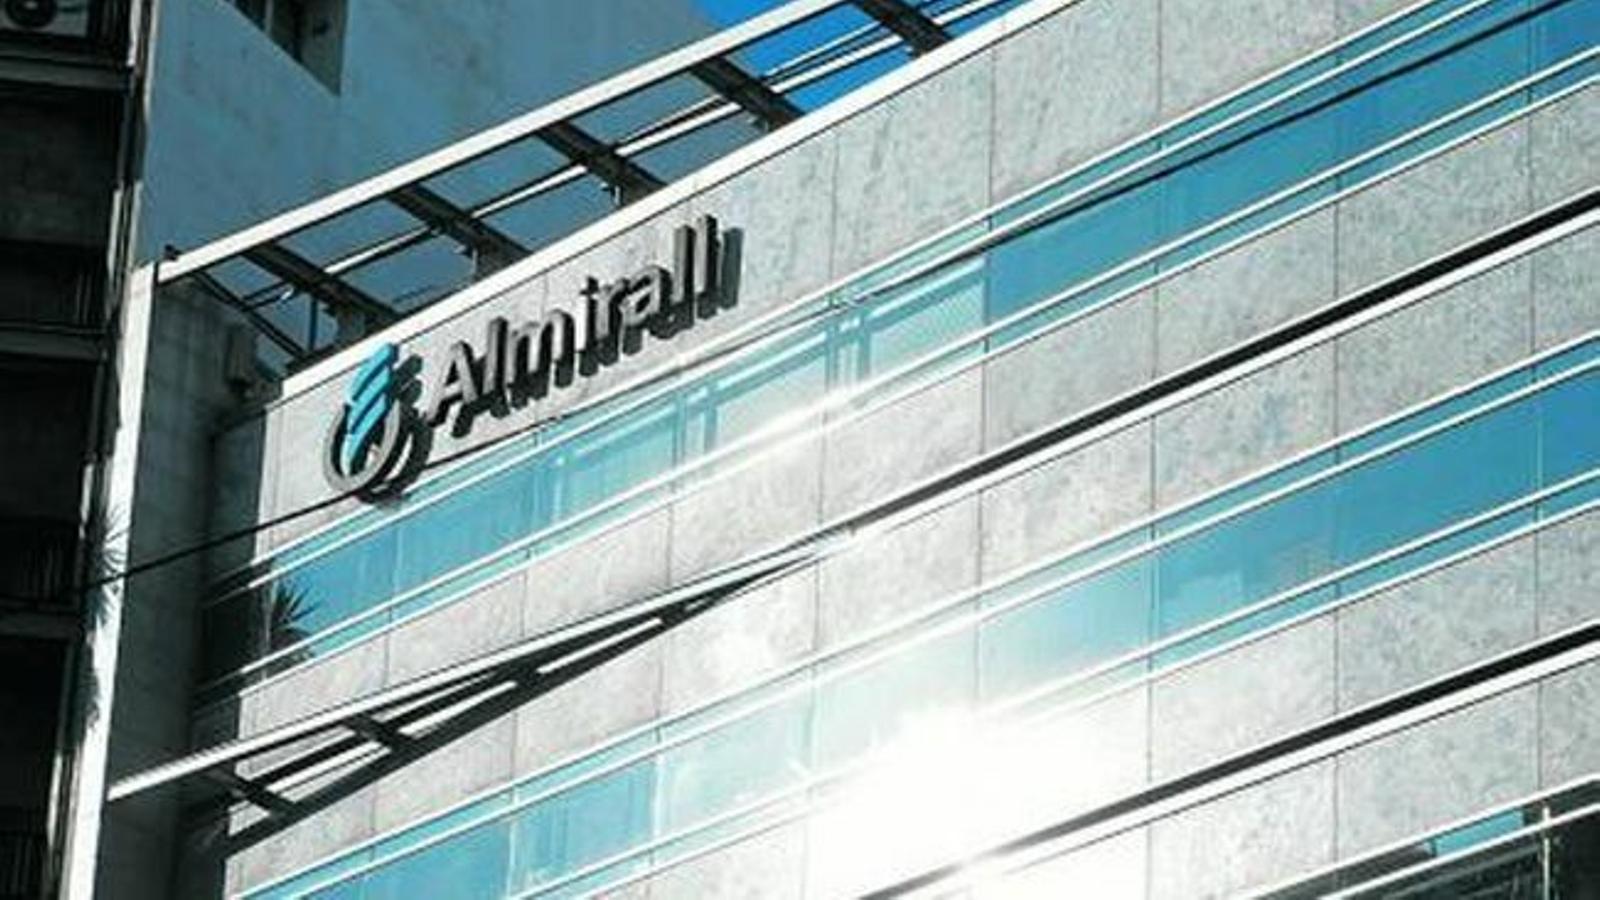 Almirall guanya 77,6 milions el 2018 i supera el sotrac de l'any anterior